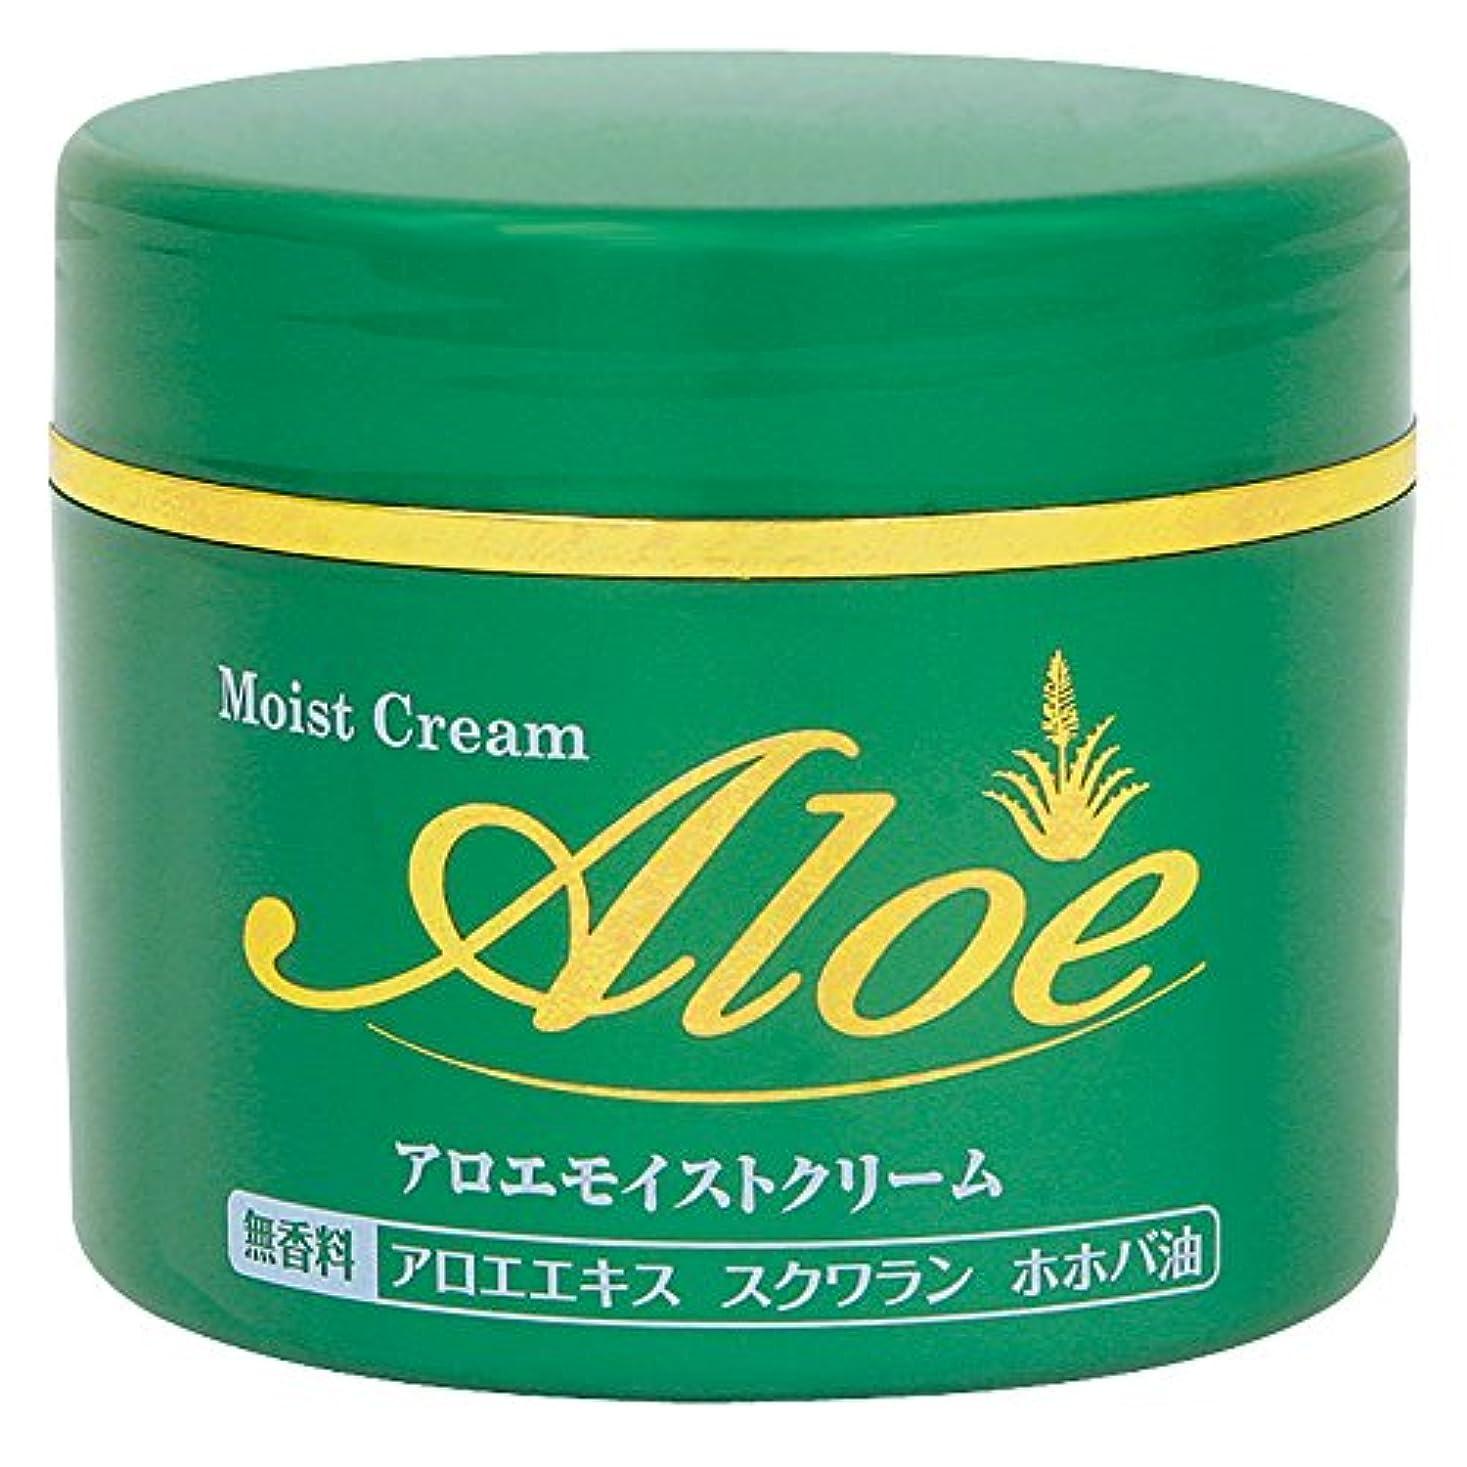 元気圧倒するサーバ井藤漢方製薬 アロエモイストクリーム 160g (アロエクリーム 化粧品)